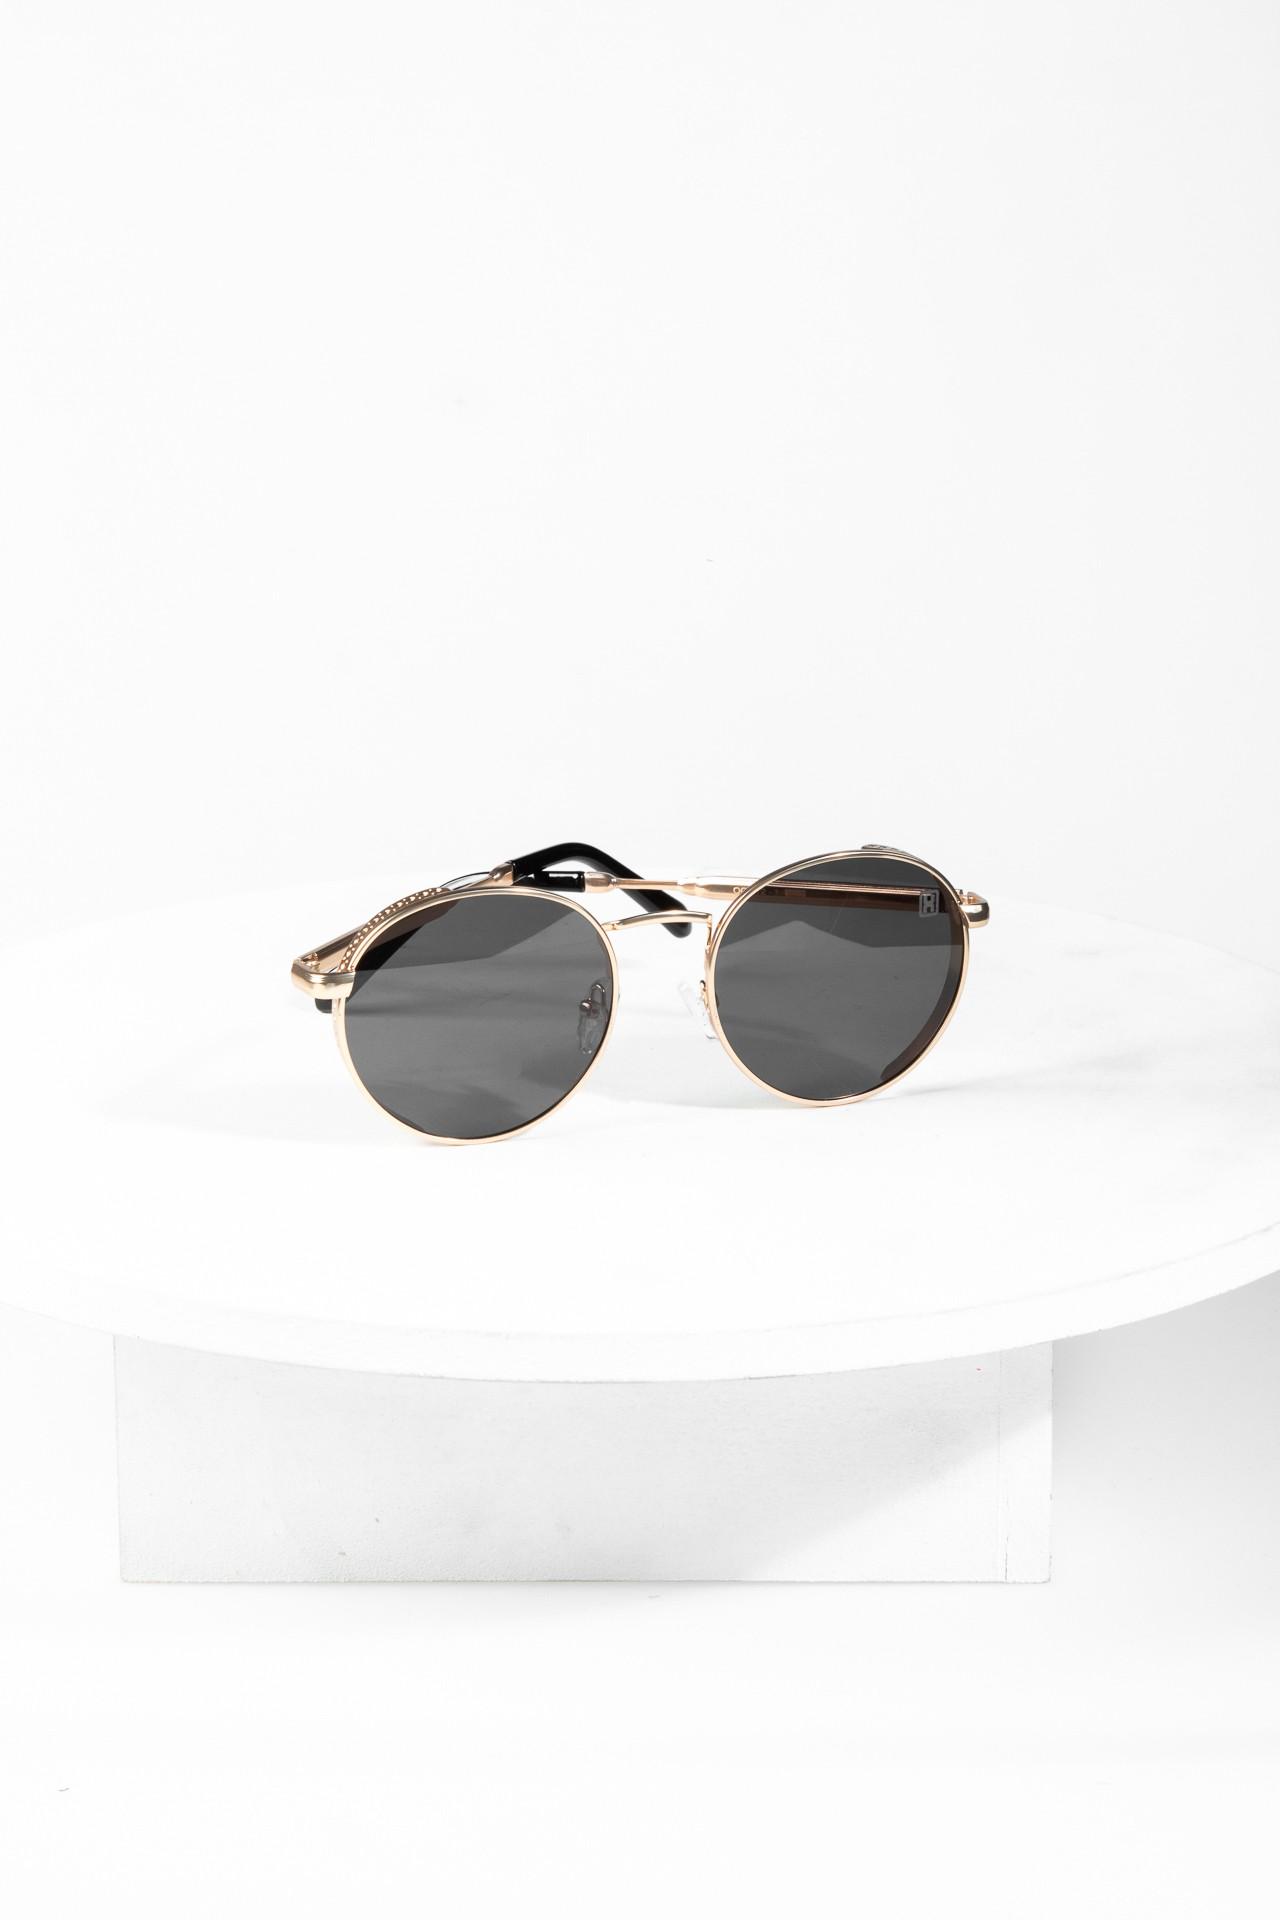 Óculos G15 TXC Brand 9G12 - 12.2